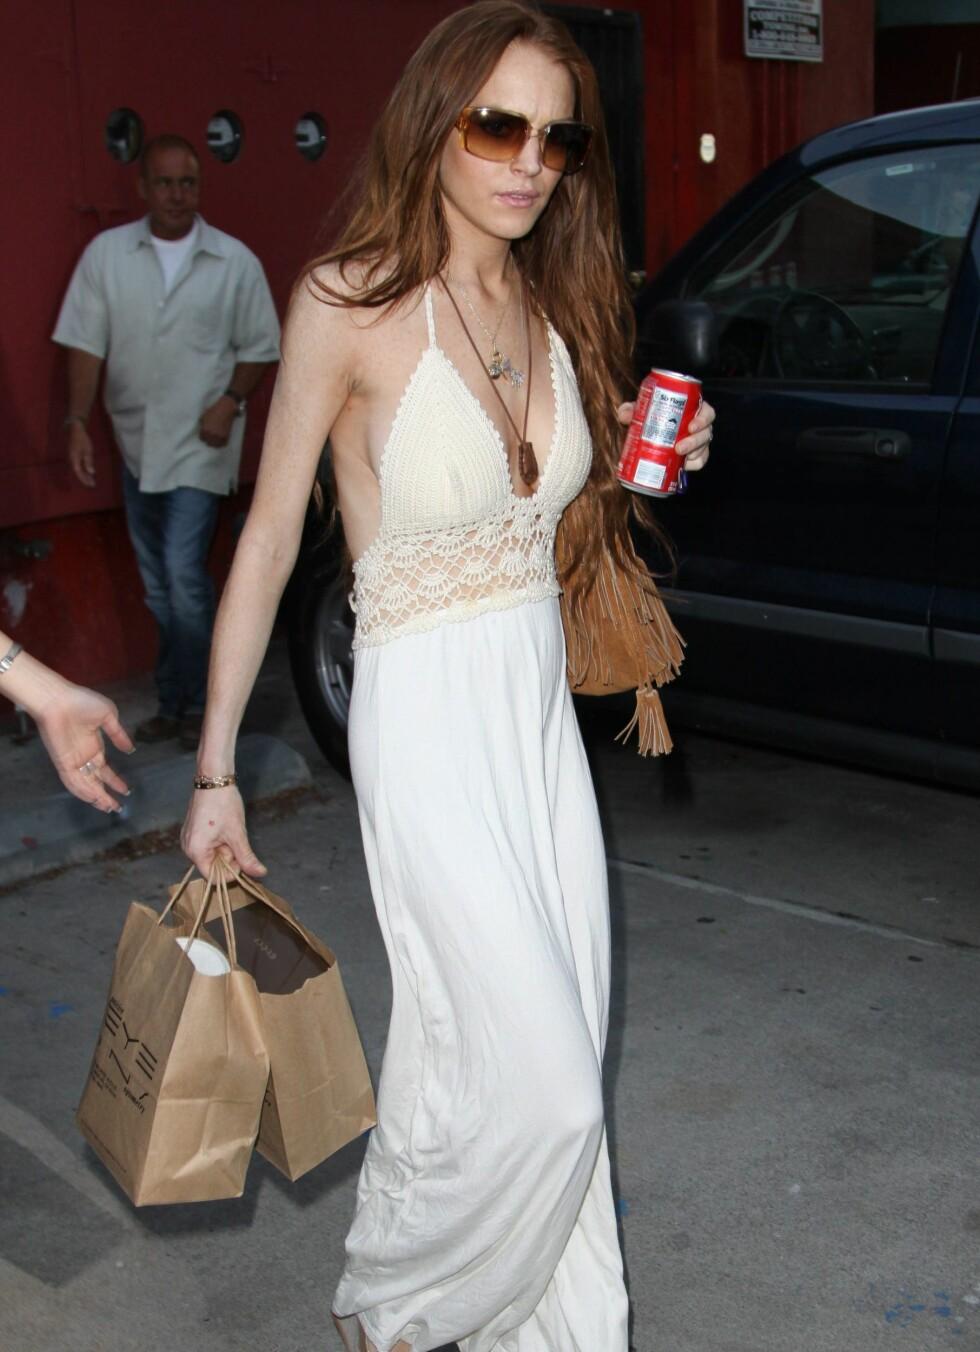 Mange begynner gjerne å trøstespise når de har kjærlighetssorg - for skuespiller Lindsay Lohan har det vært stikk motsatt etter at kjæresten slo opp med henne. Foto: All Over Press